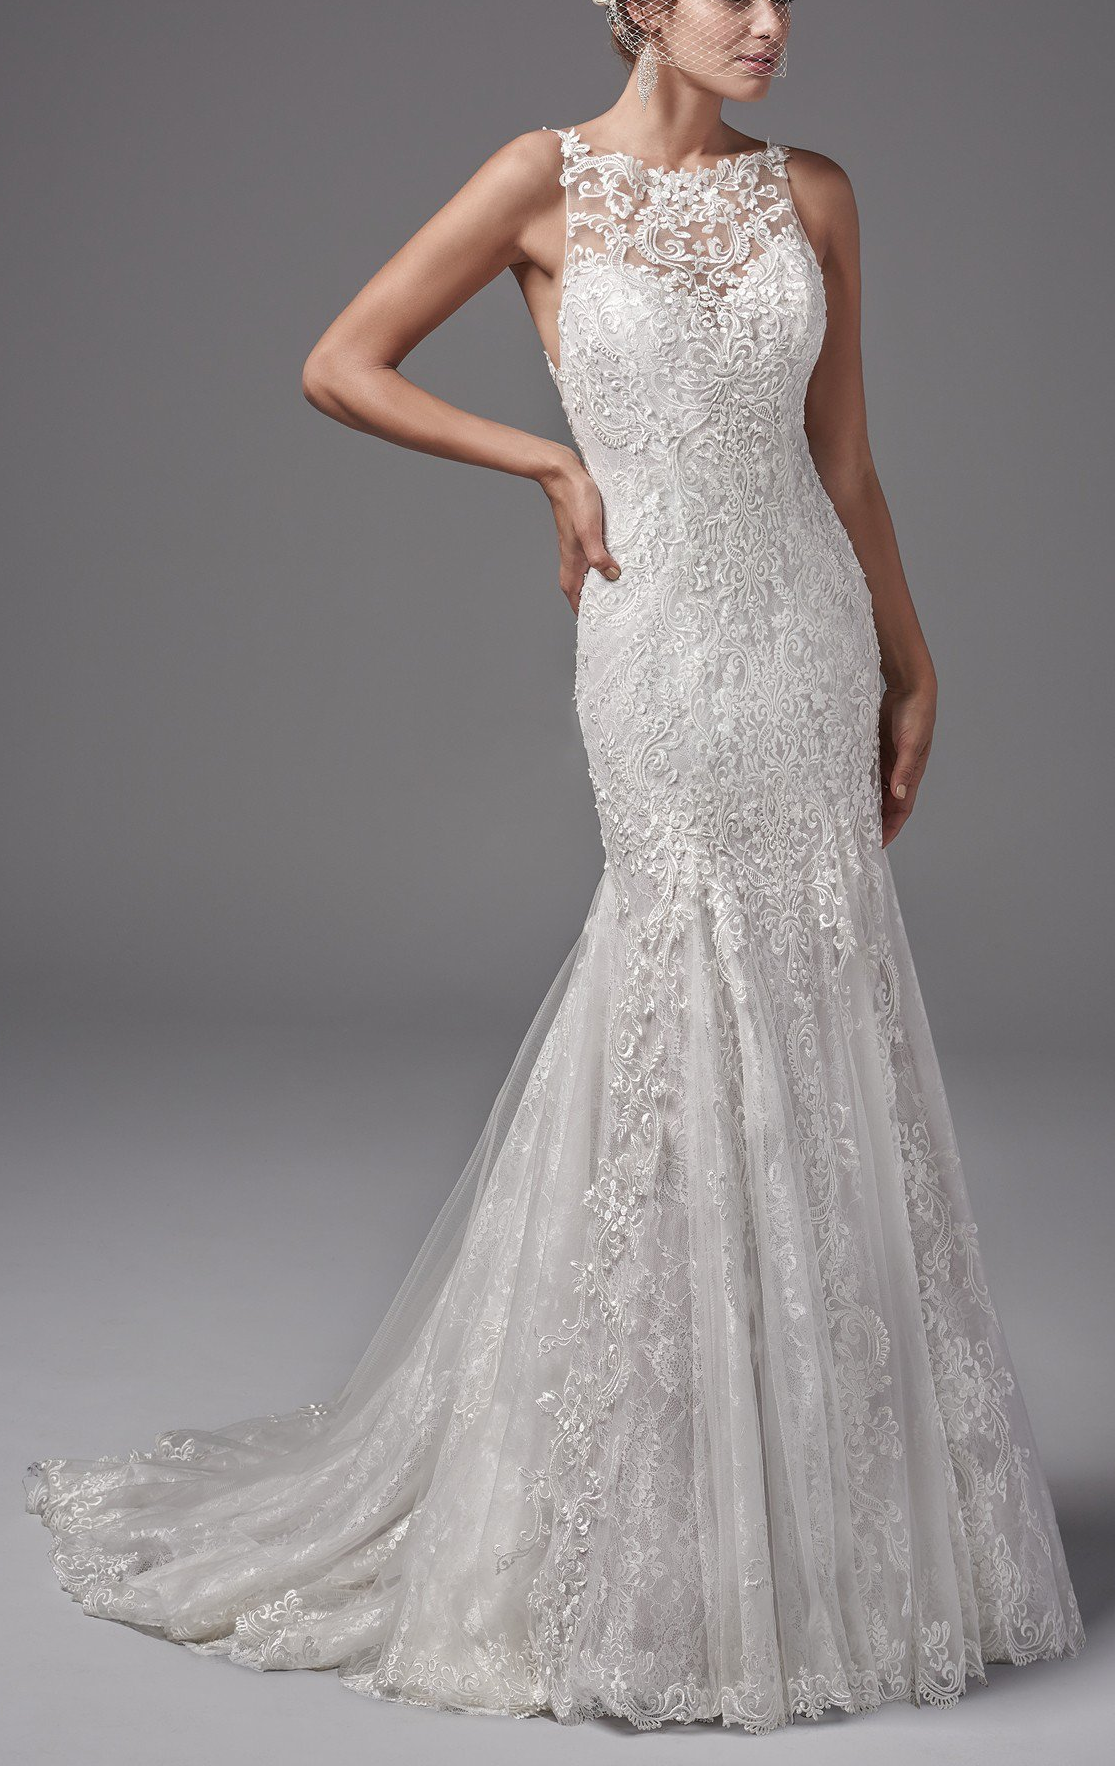 Unique wedding dresses with color the boho bride pinterest